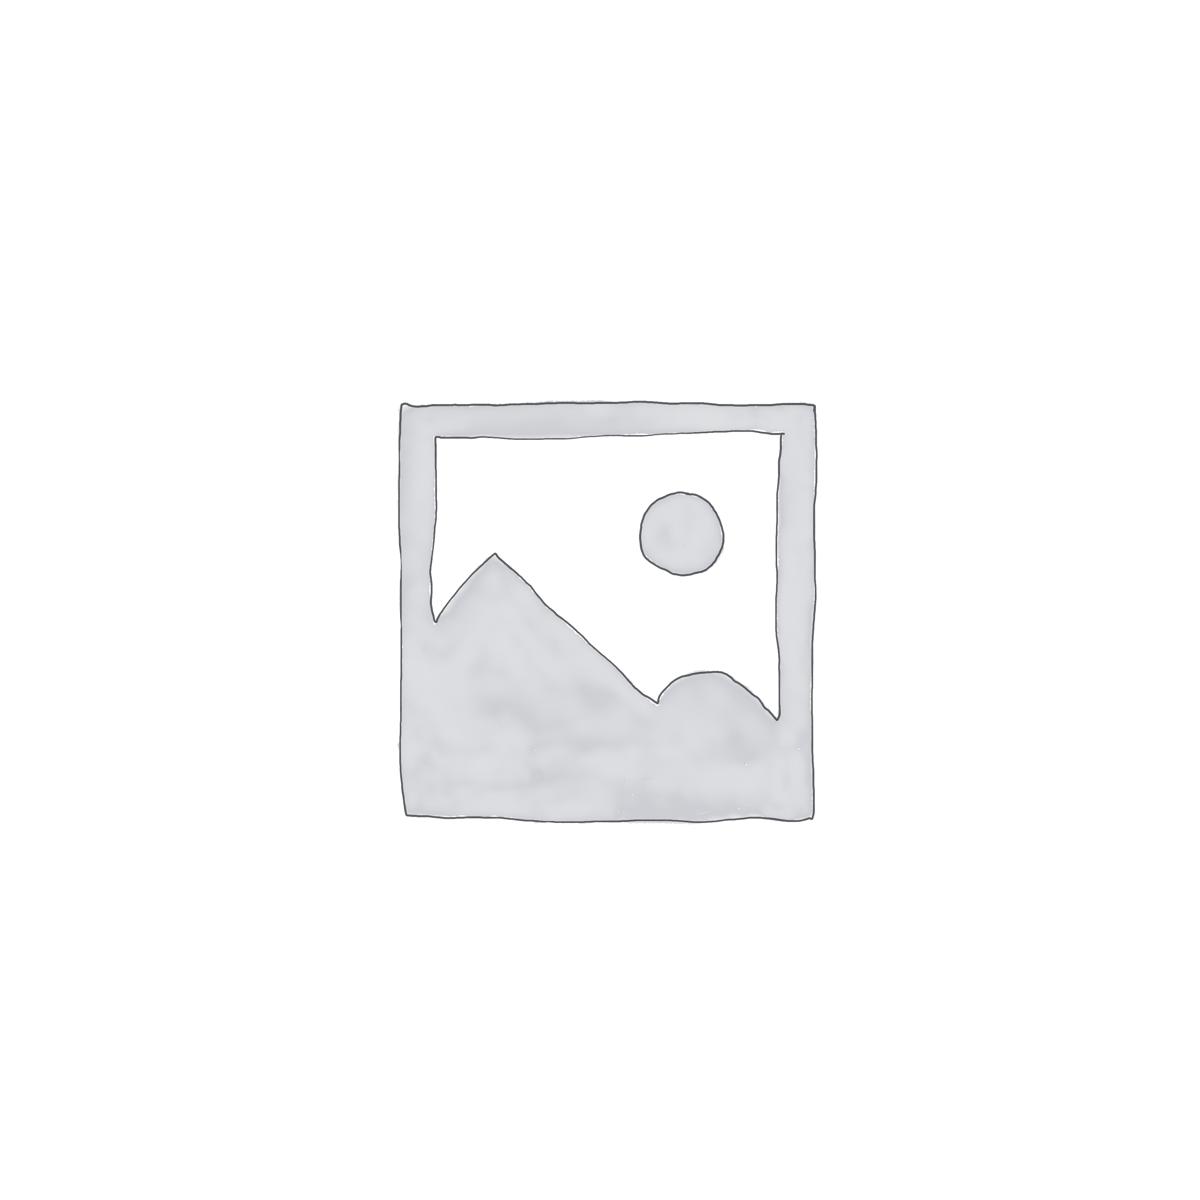 Erwarte Produktbild